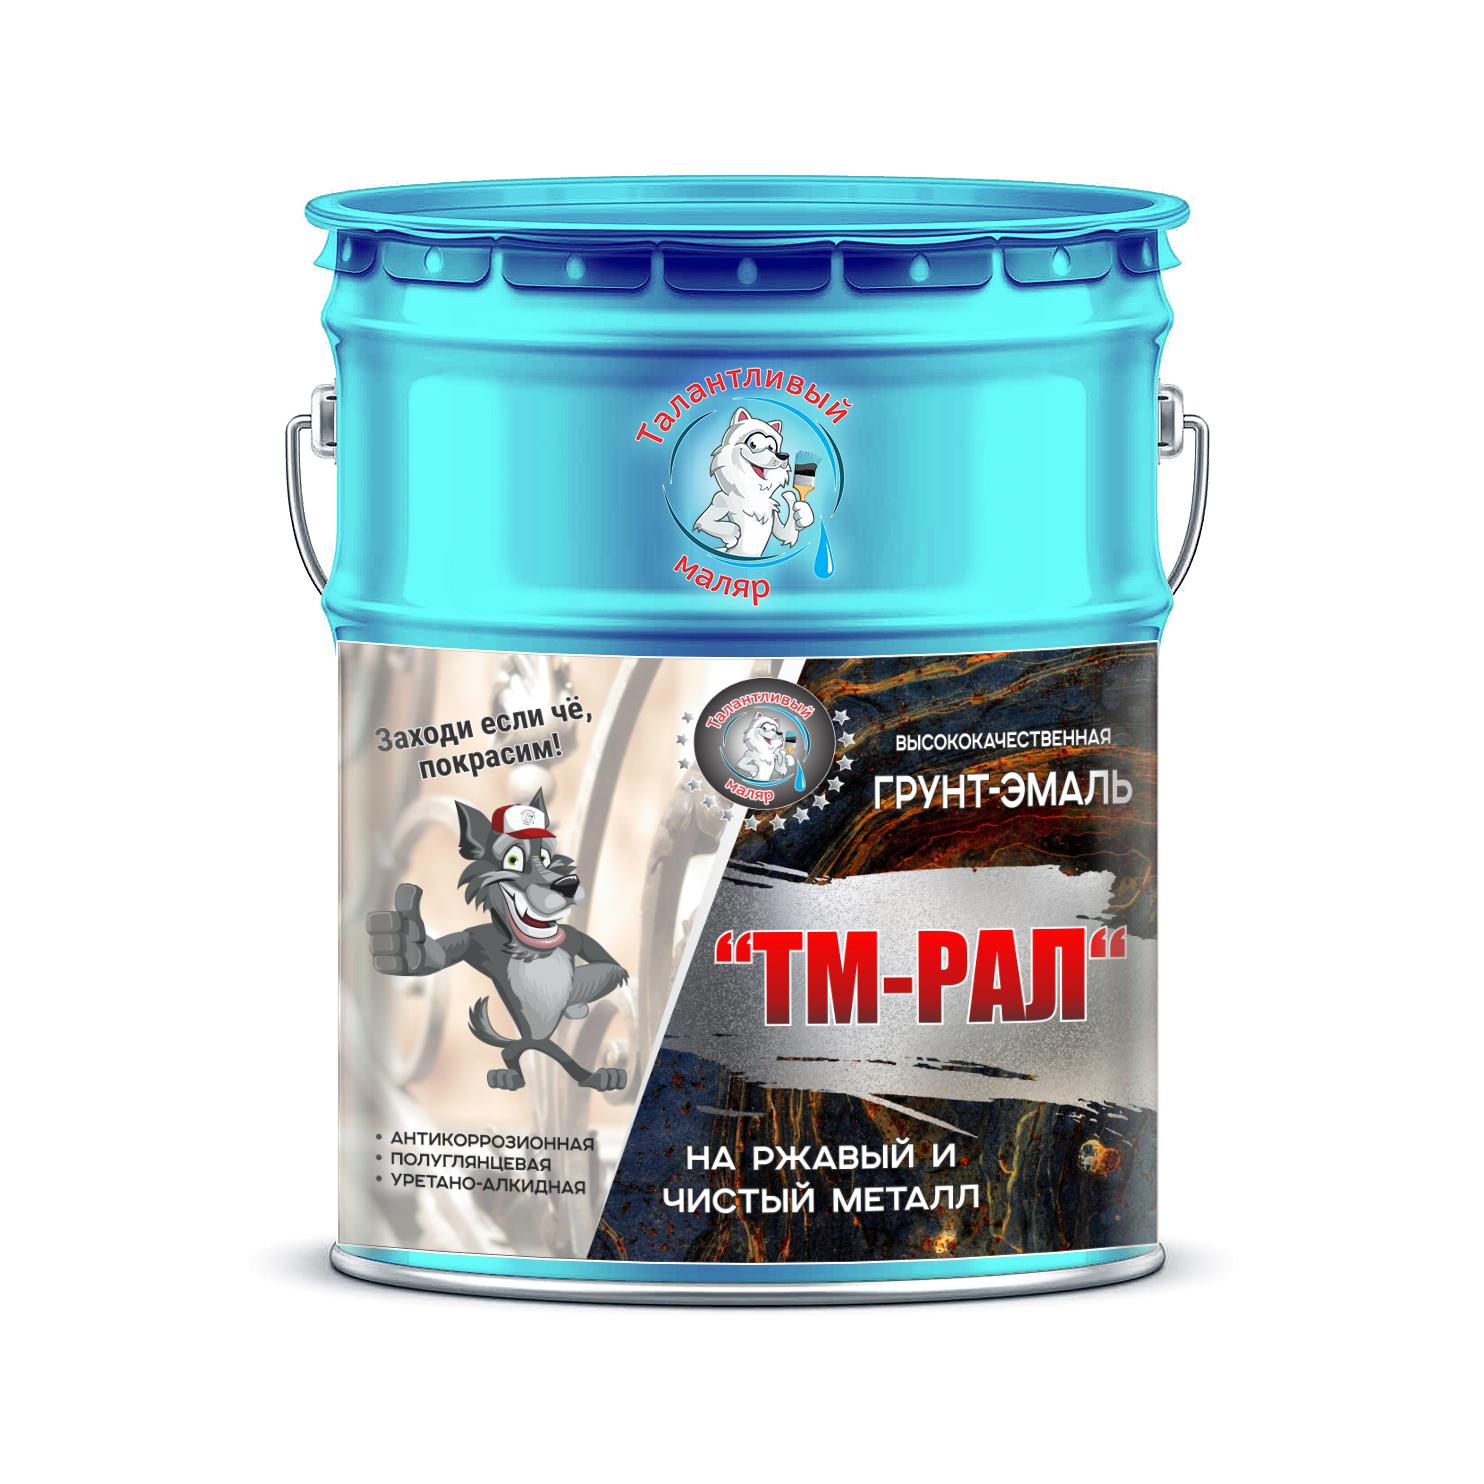 """Фото 12 - TM5012 Грунт-Эмаль """"ТМ РАЛ"""" уретано-алкидная 3 в 1 цвет RAL 5012 Голубой, антикоррозионная,  полуглянцевая для черных металлов, 20 кг """"Талантливый маляр""""."""